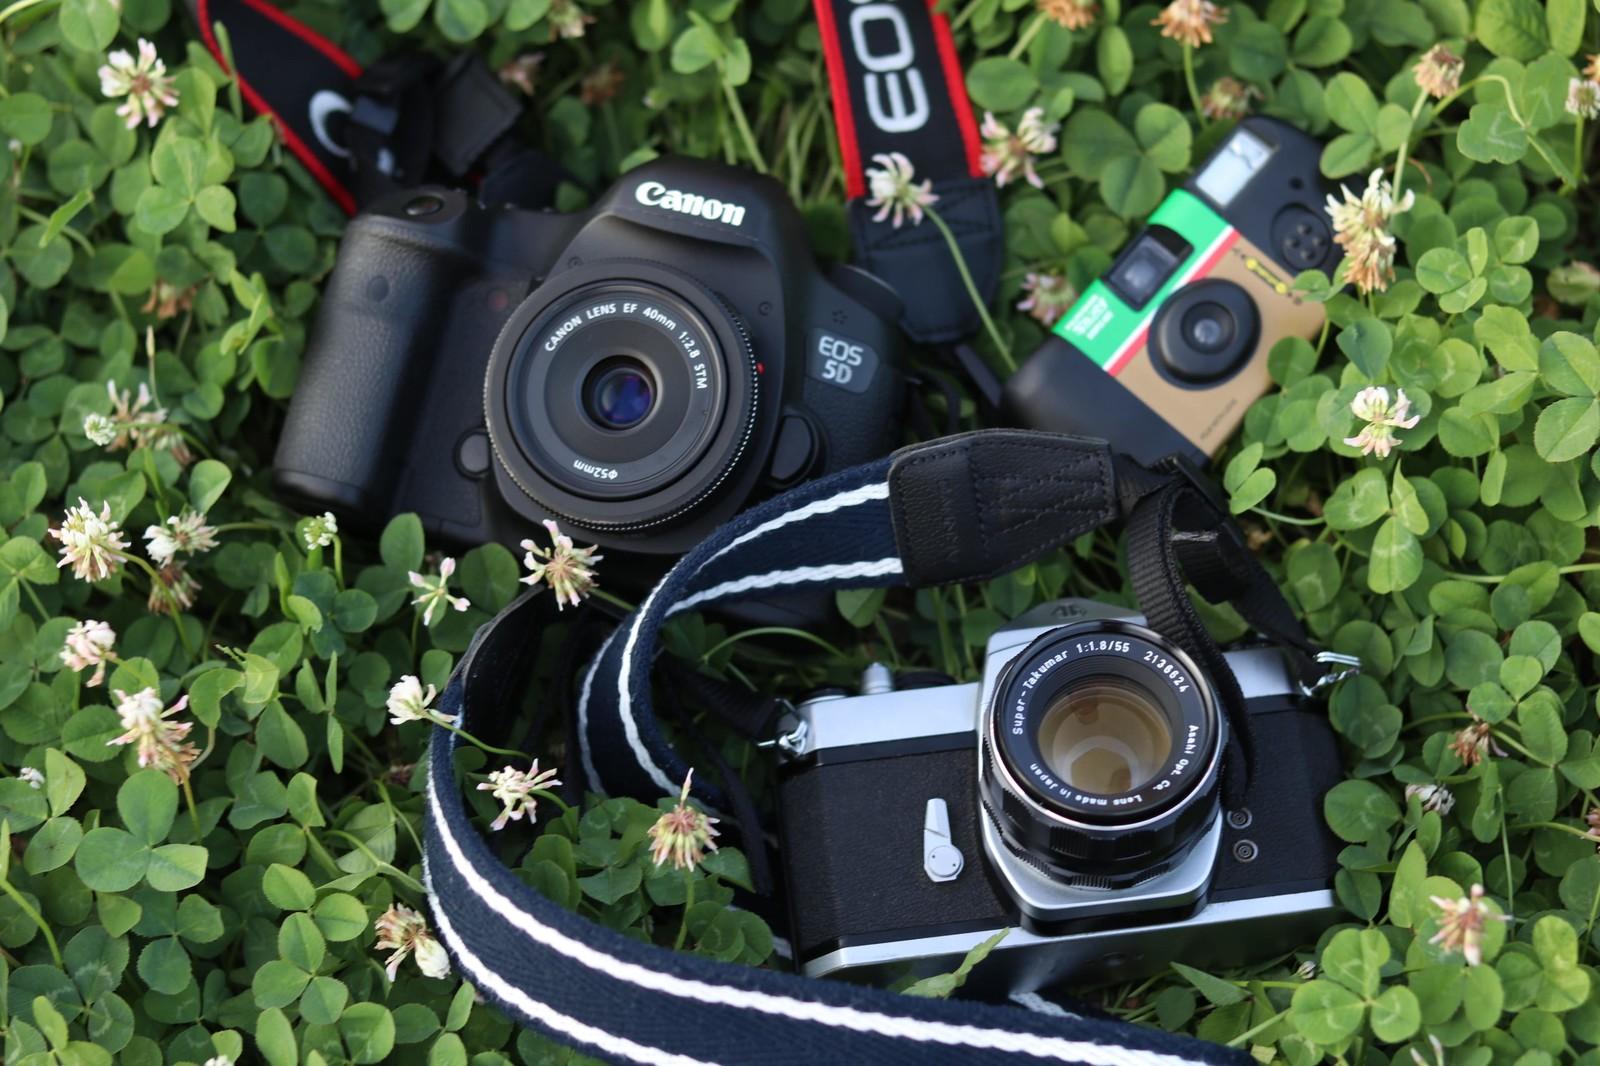 【初心者向け】はじめてのカメラの選び方と揃えておきたいバッグやフィルターなどグッズ一覧